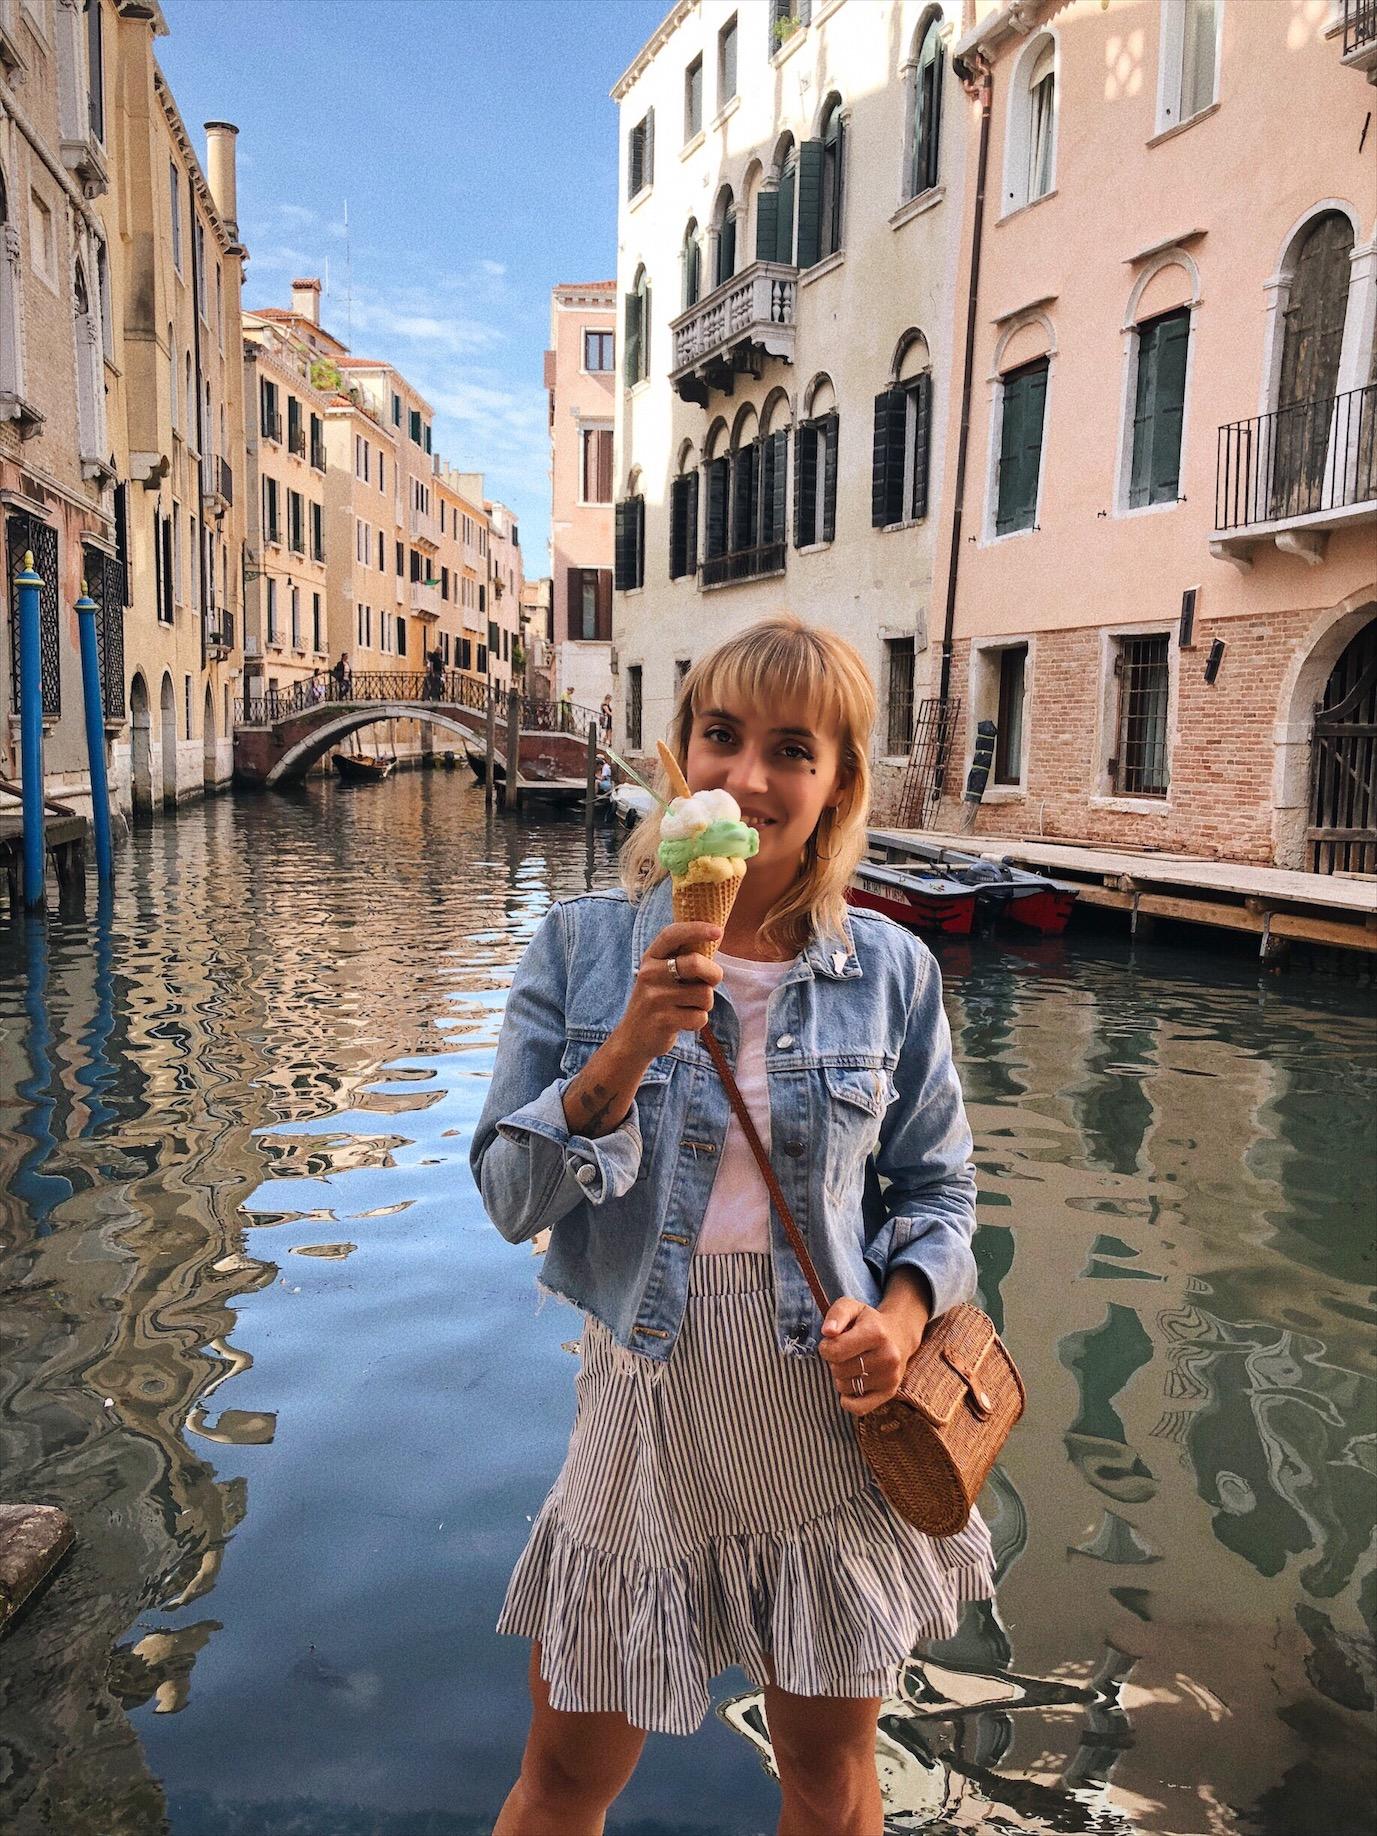 Manger une glace à Venise